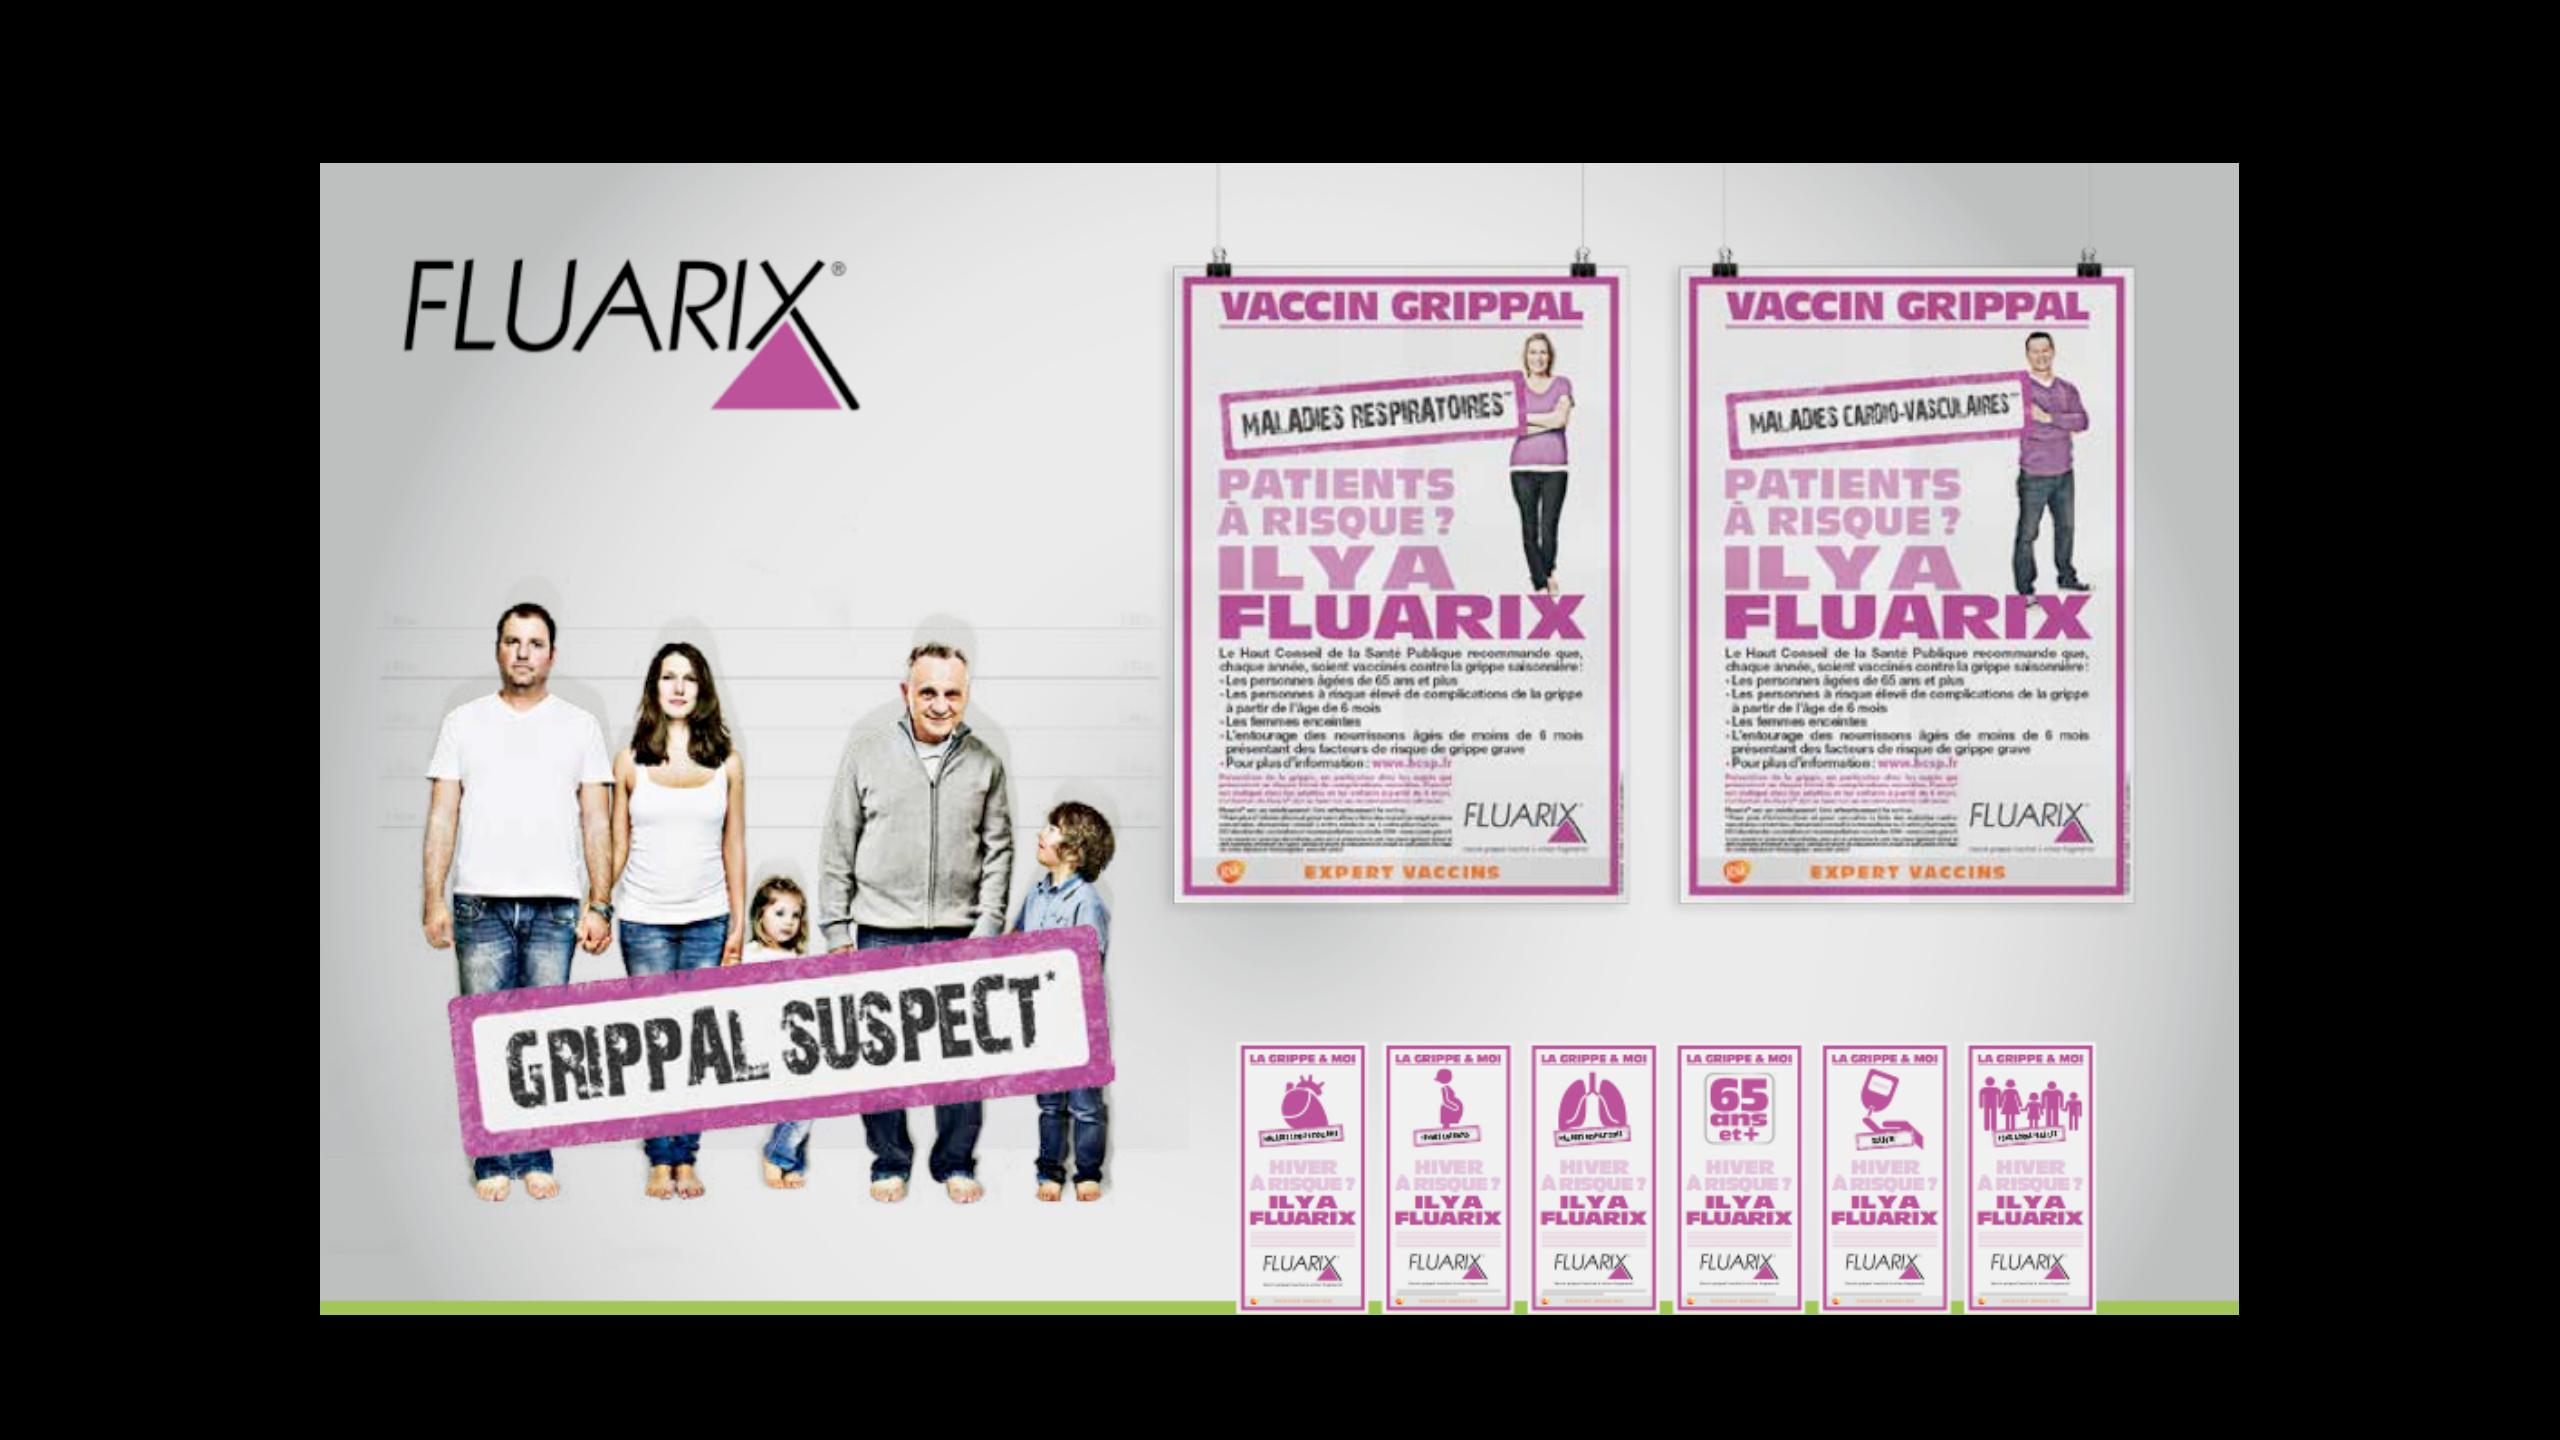 produit éthique Fluarix by agency